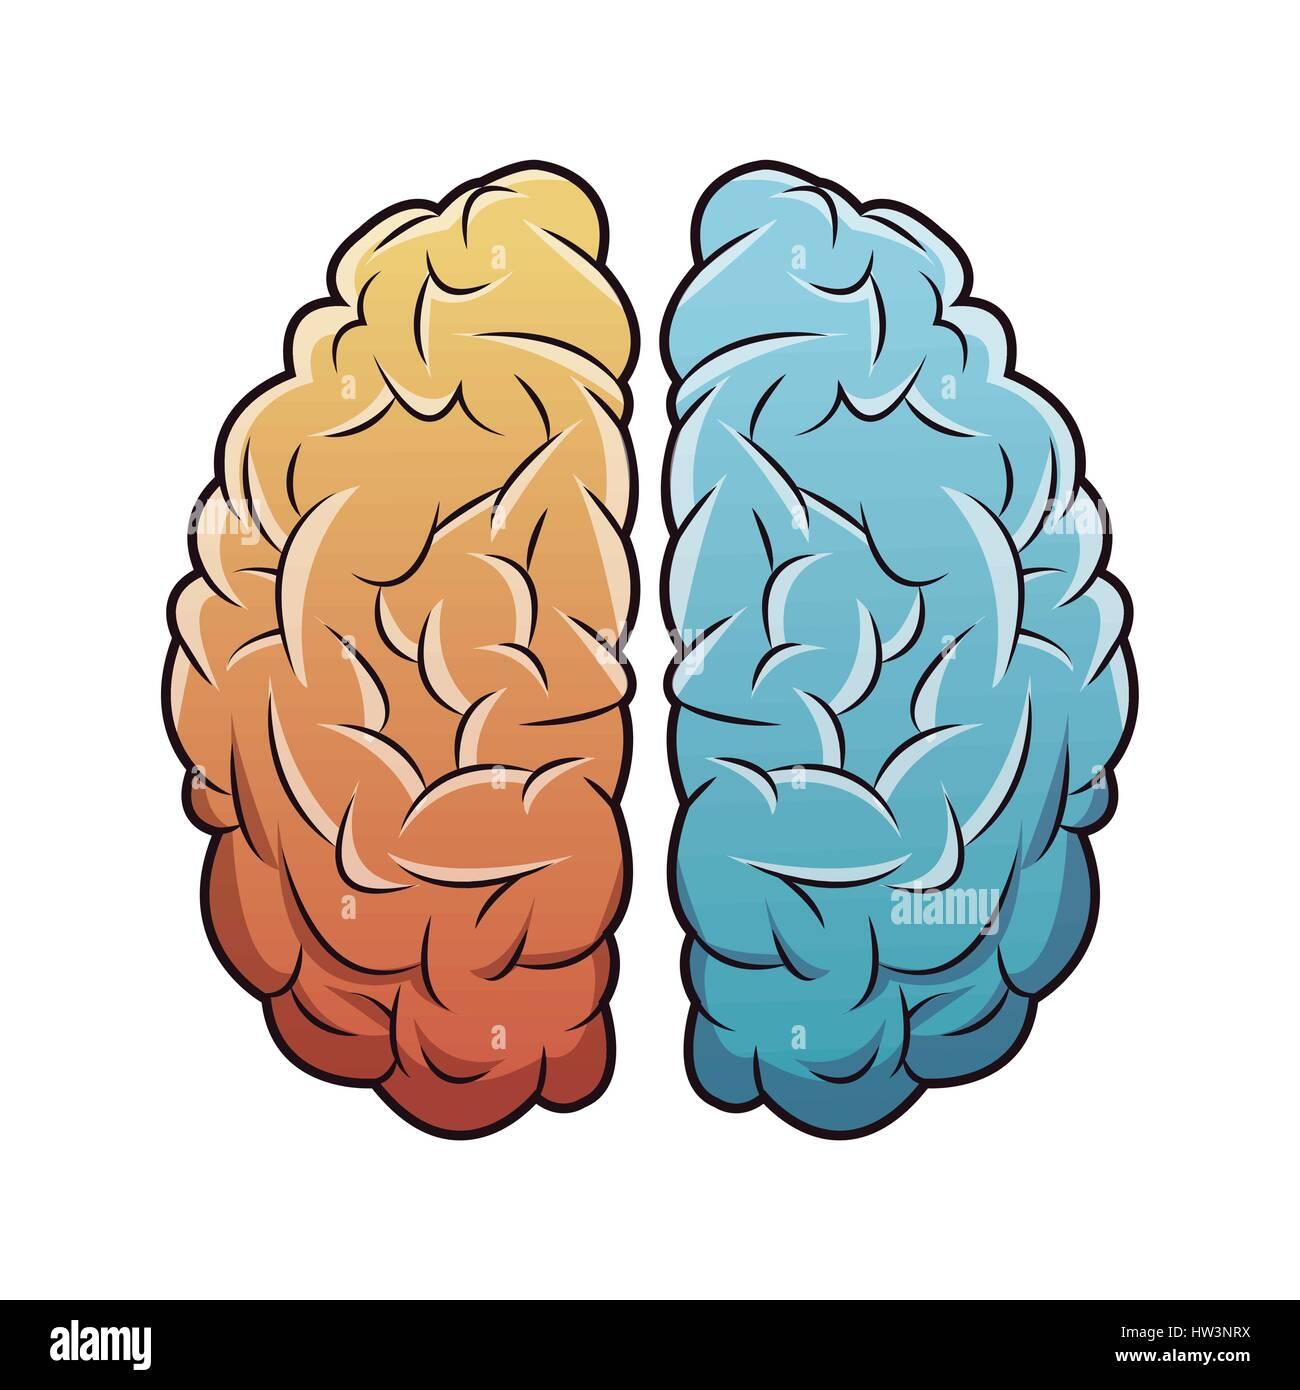 Les droits de l'anatomie du cerveau droit Illustration de Vecteur